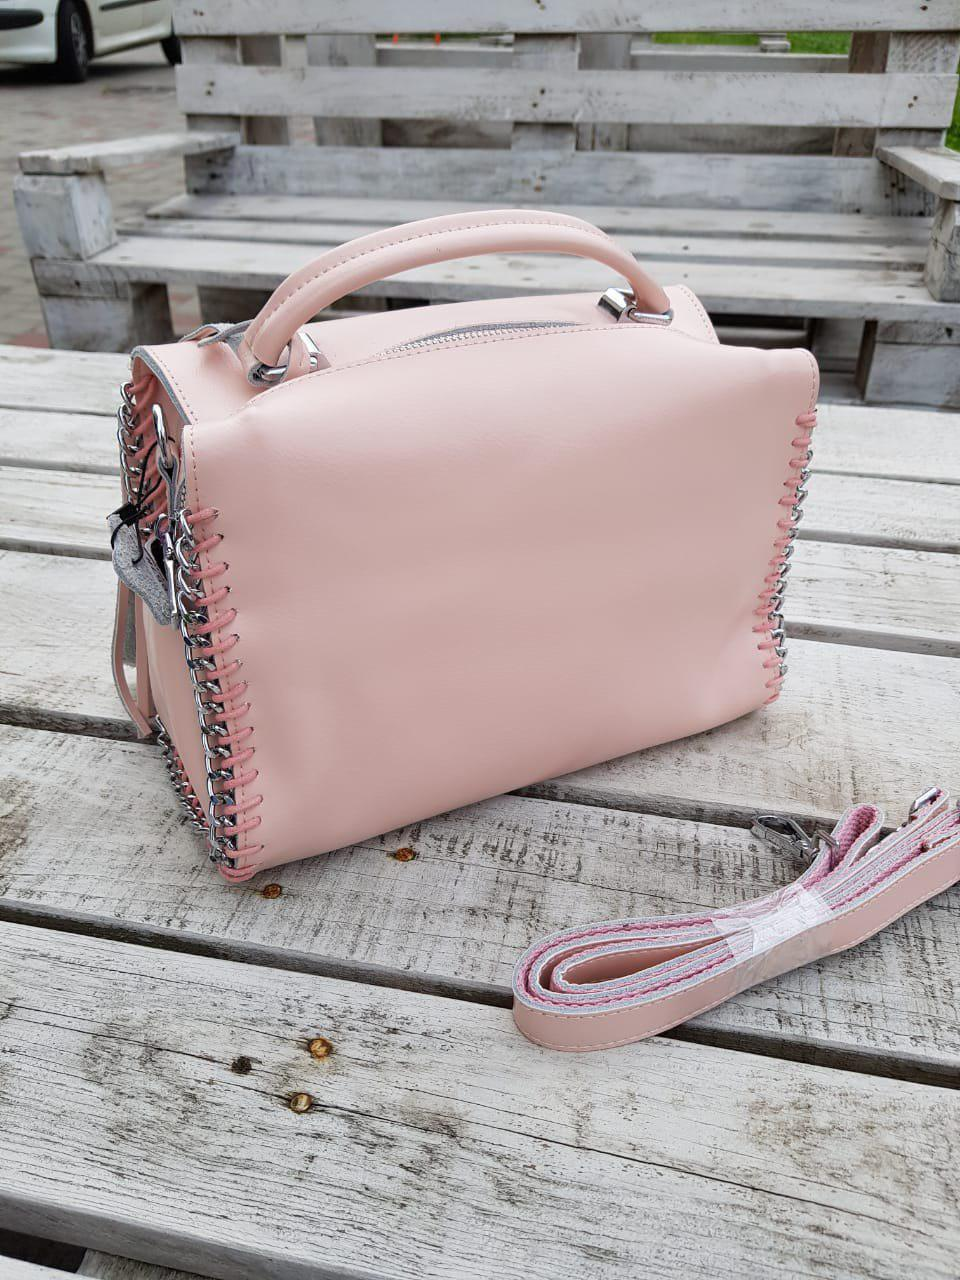 Кожаная женская сумка размером 27x17x14 см Розовая